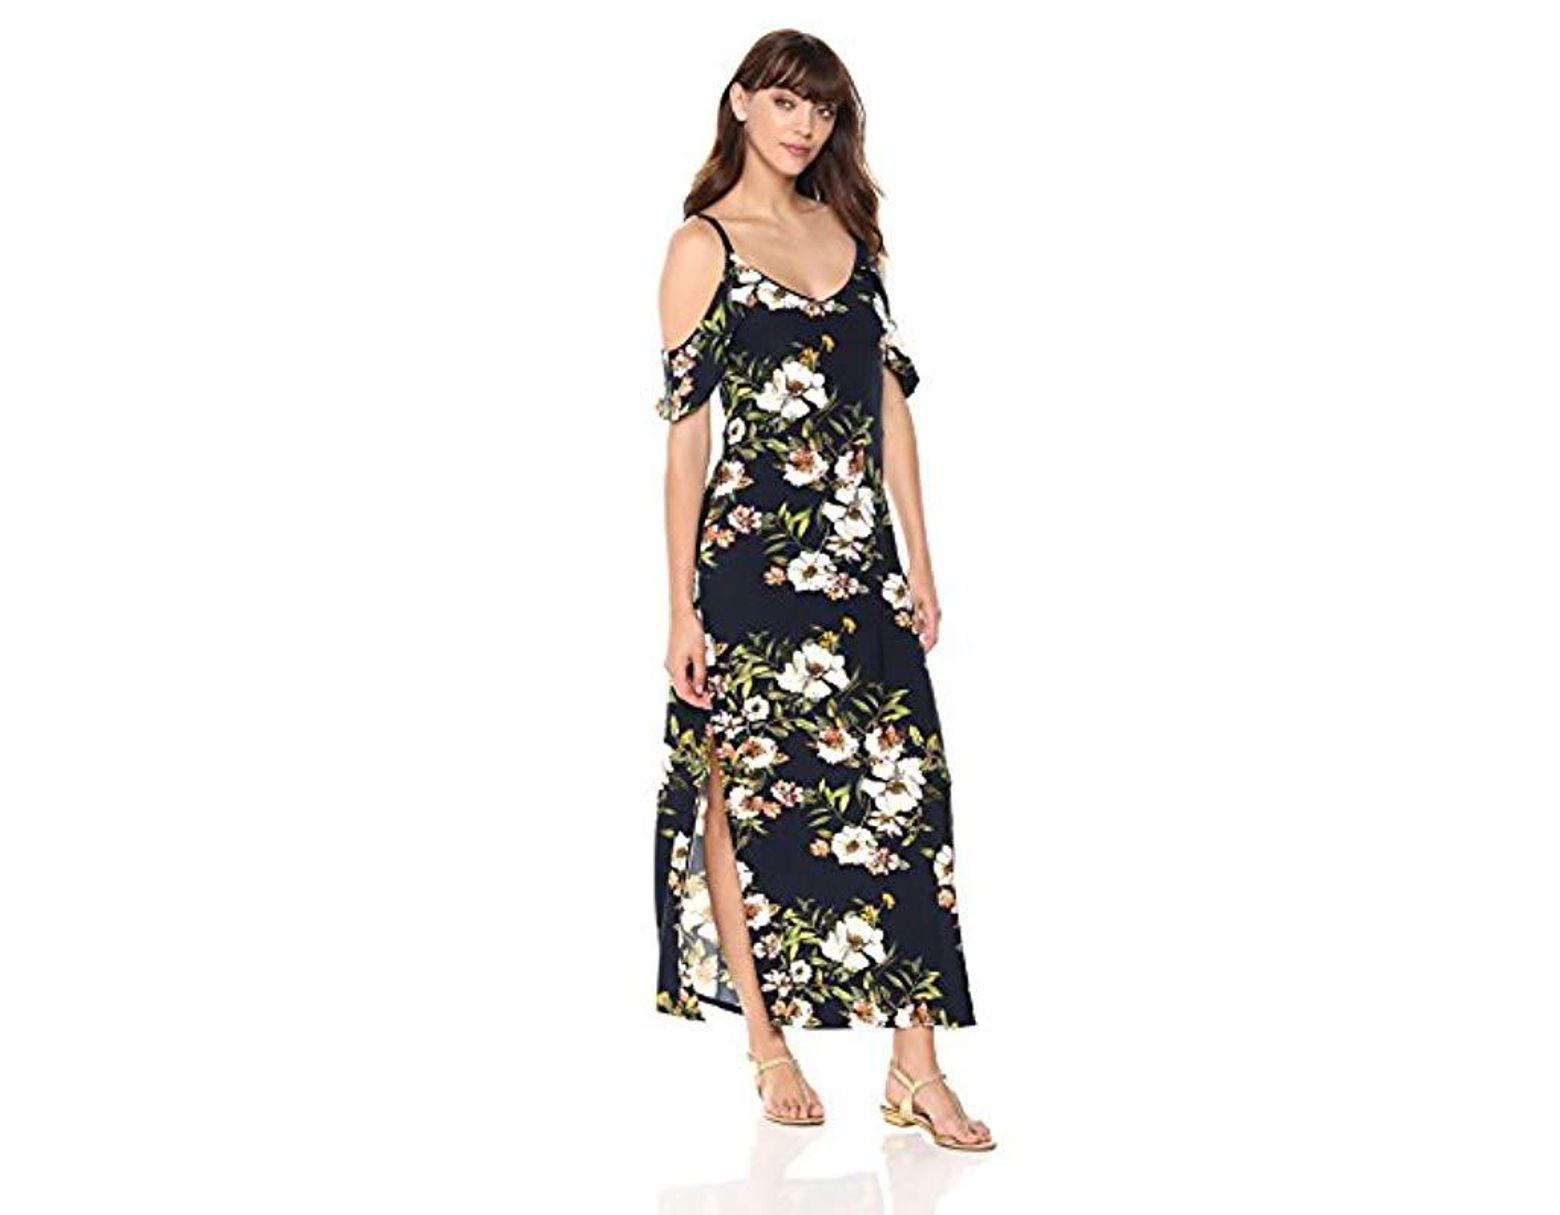 cb86c8ab789 RACHEL Rachel Roy Gaia Maxi Dress - Save 73% - Lyst